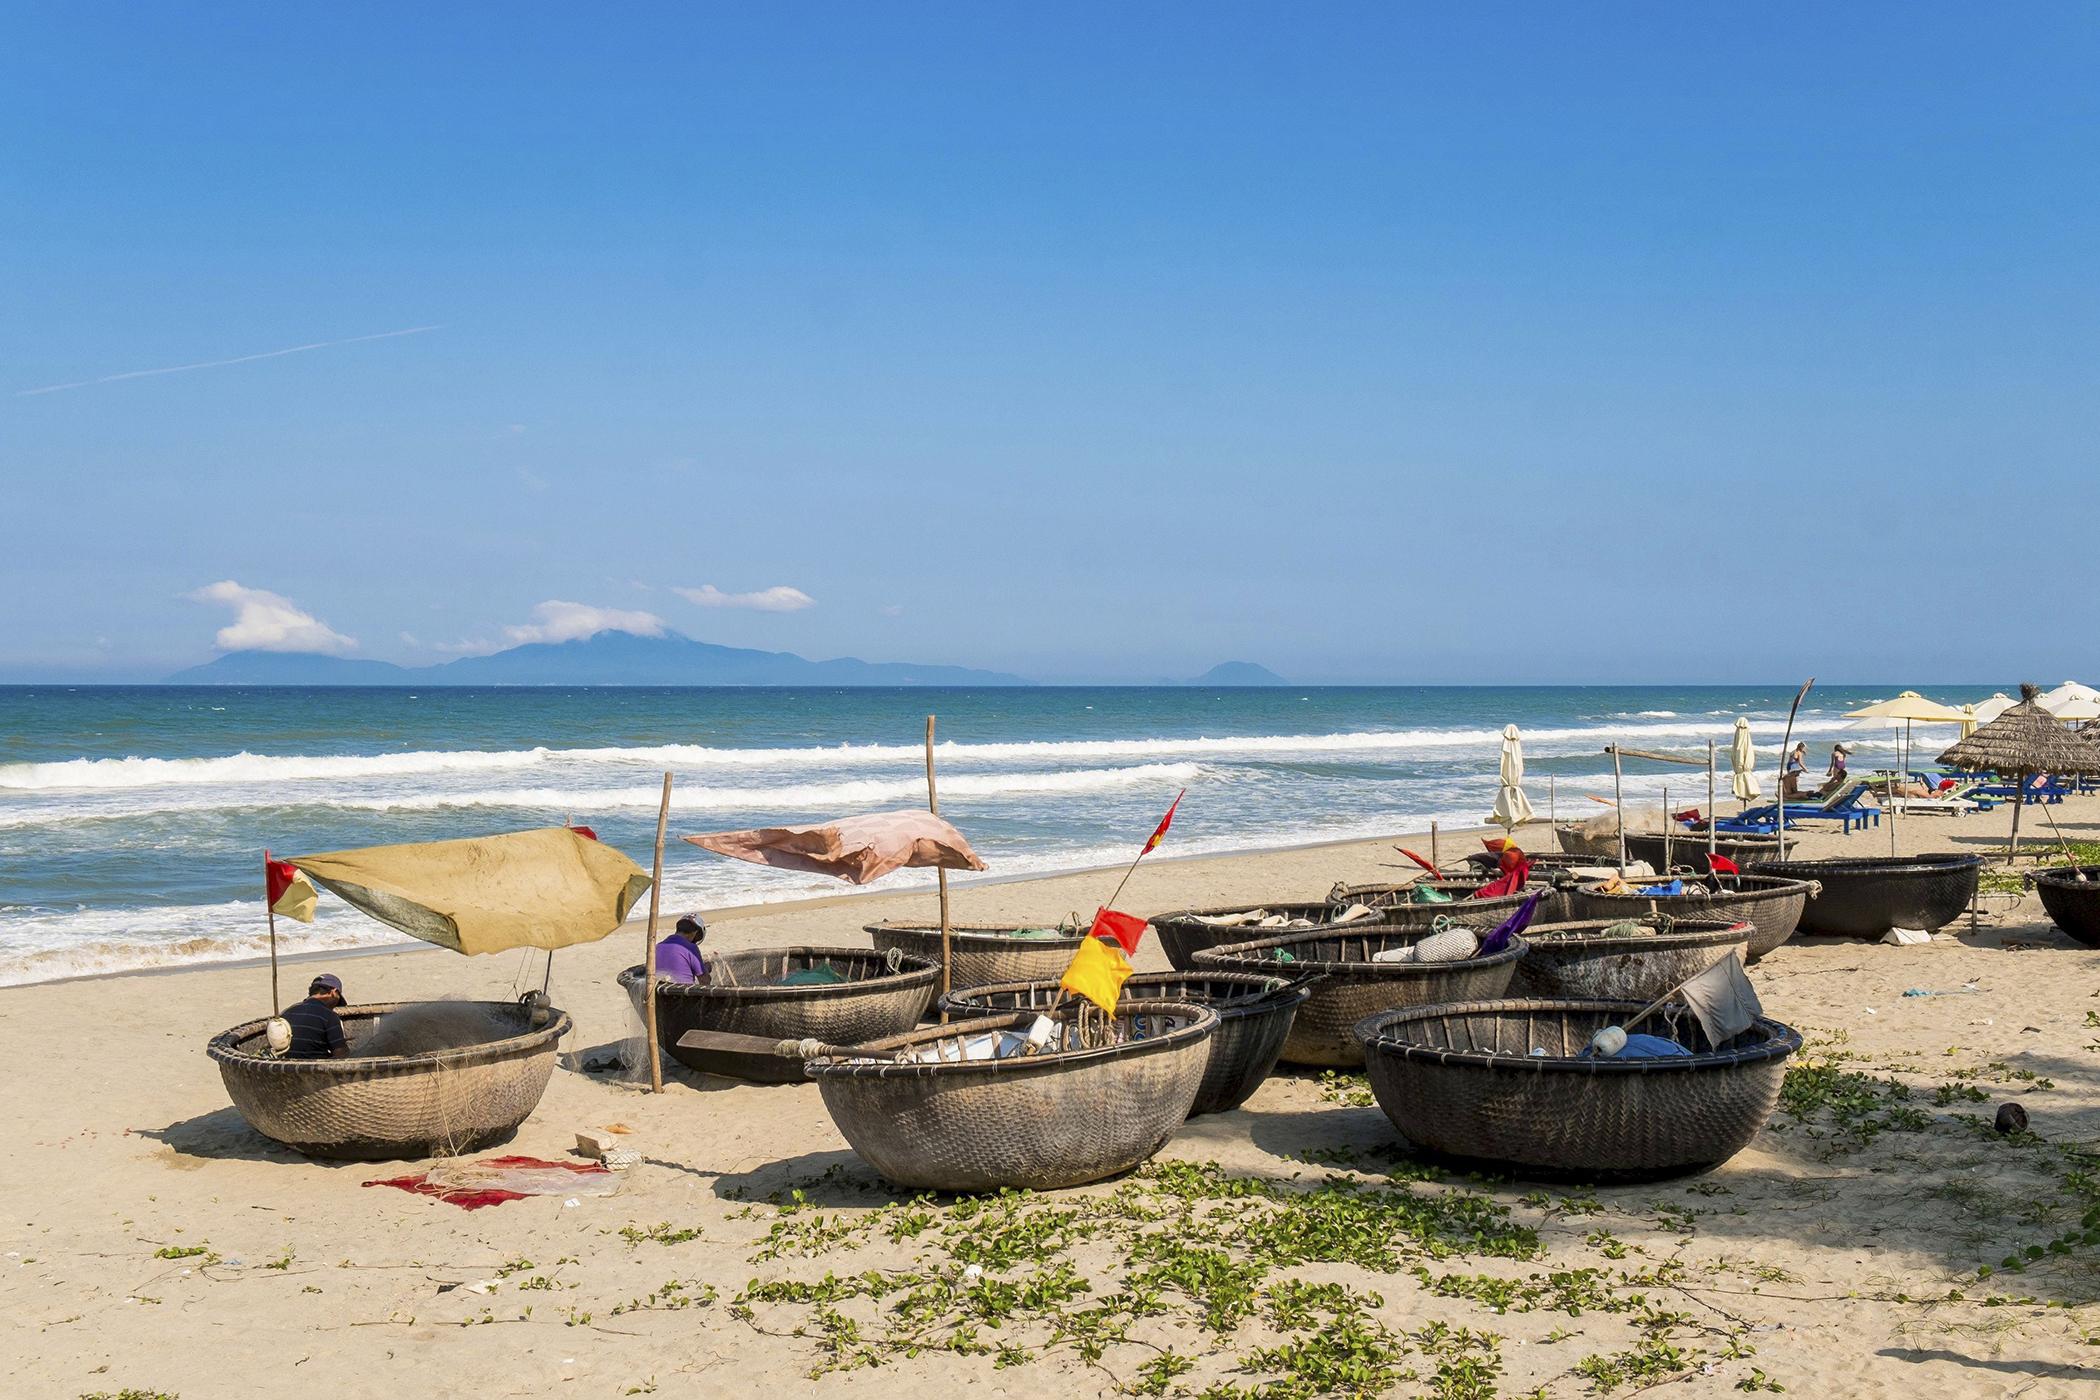 170316-travel-best-beaches-hoi-an-vietnam